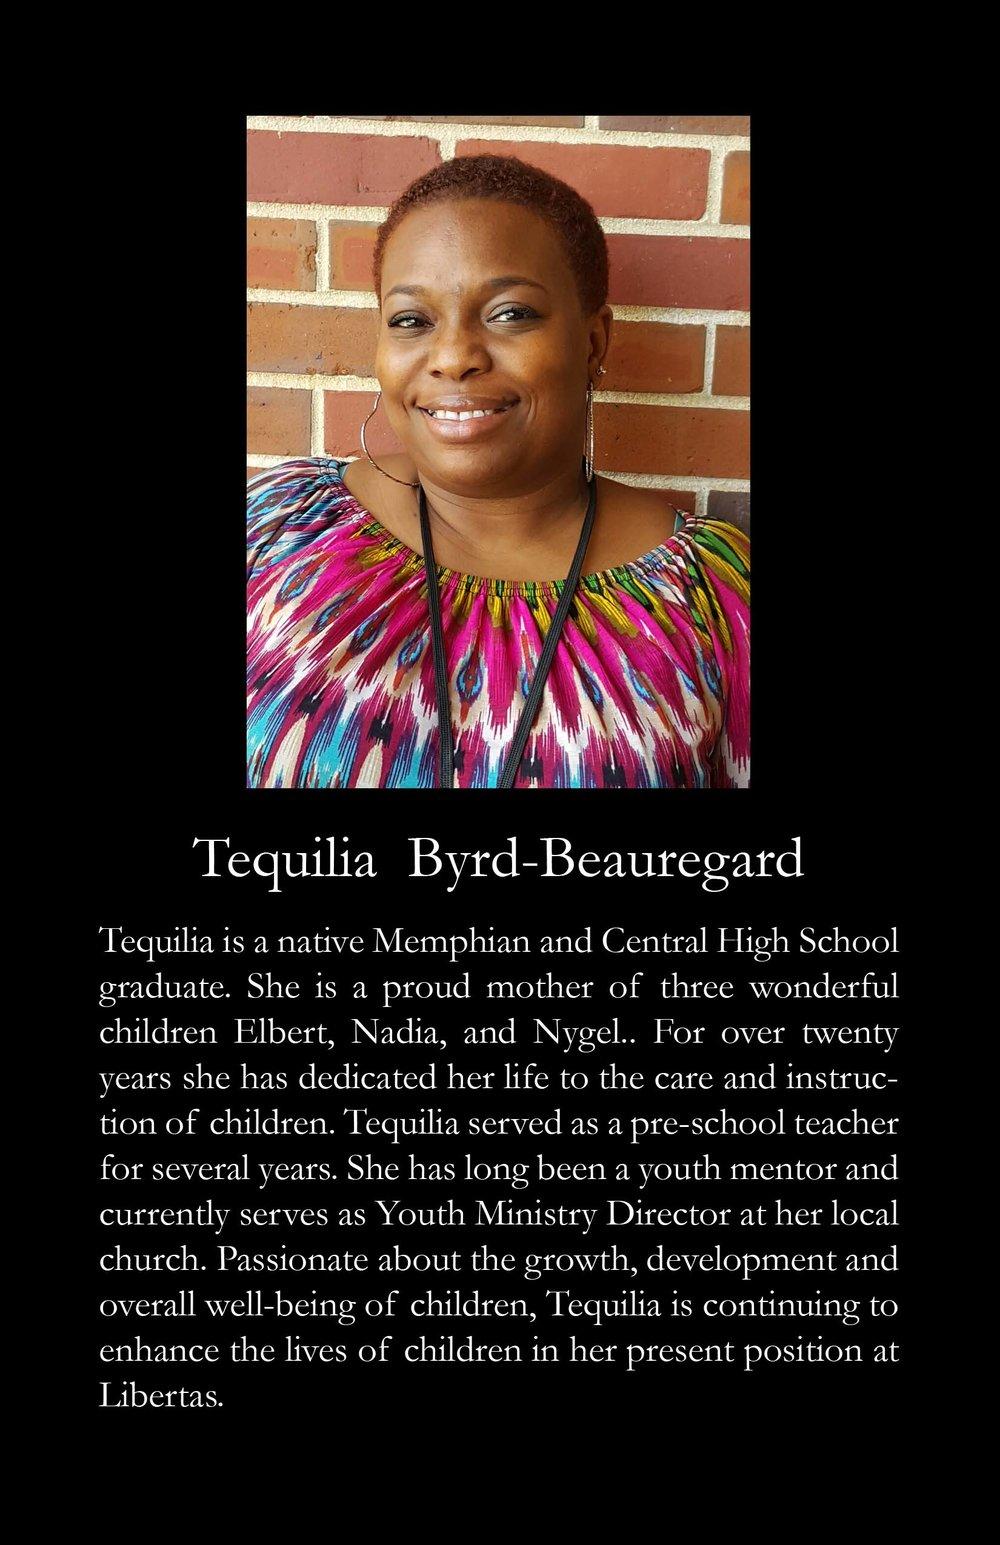 Tequilia Byrd.jpg